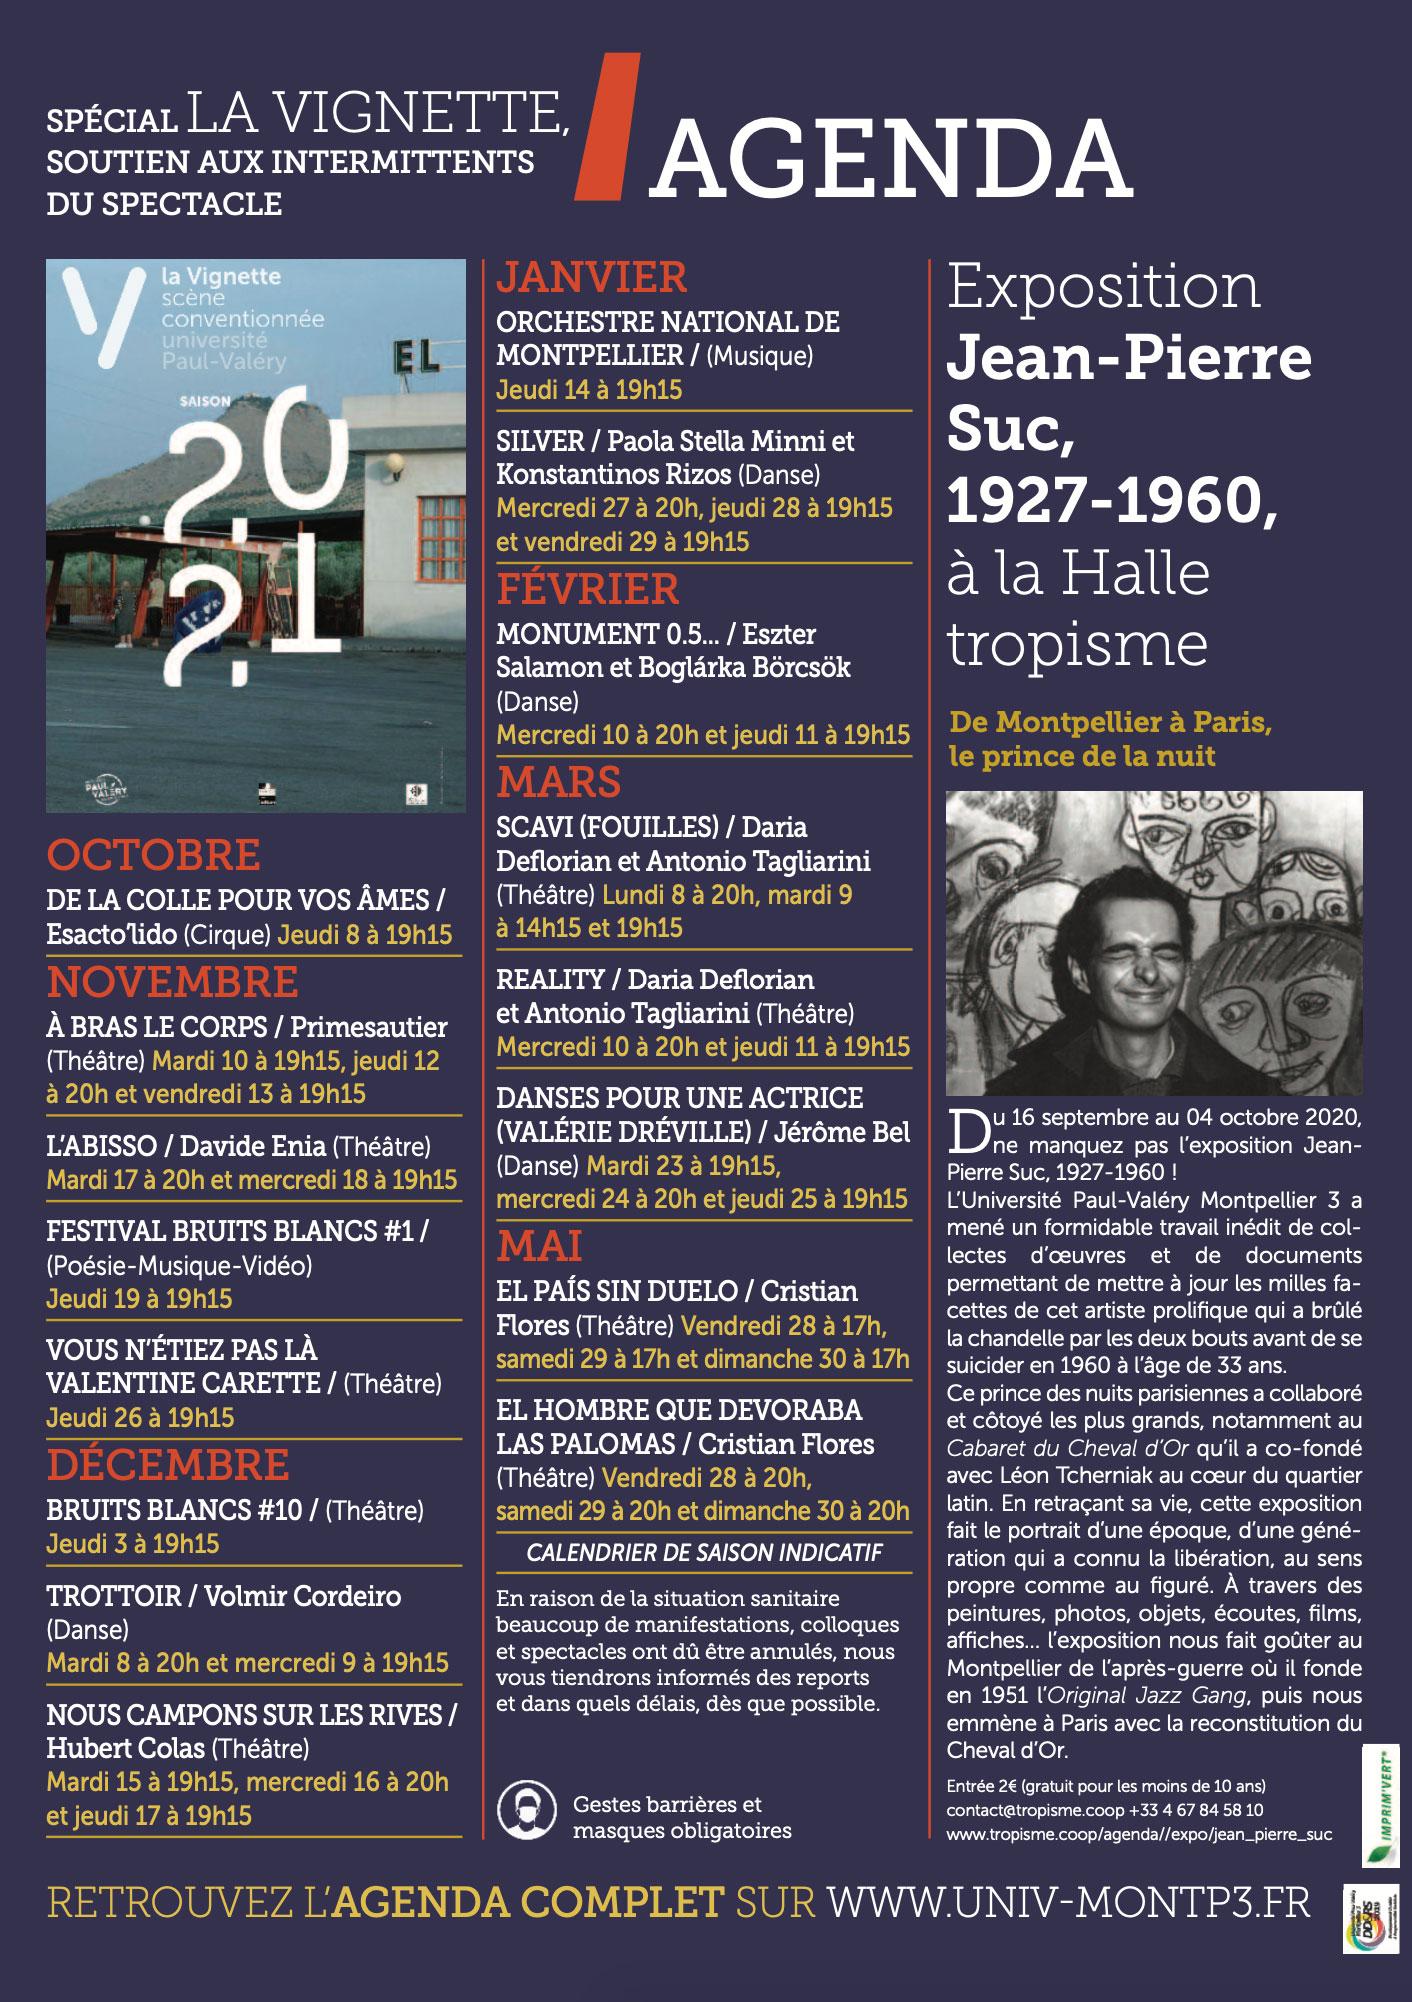 La lettre d'info du Président de l'Université Paul-Valéry Montpellier 3 page 08